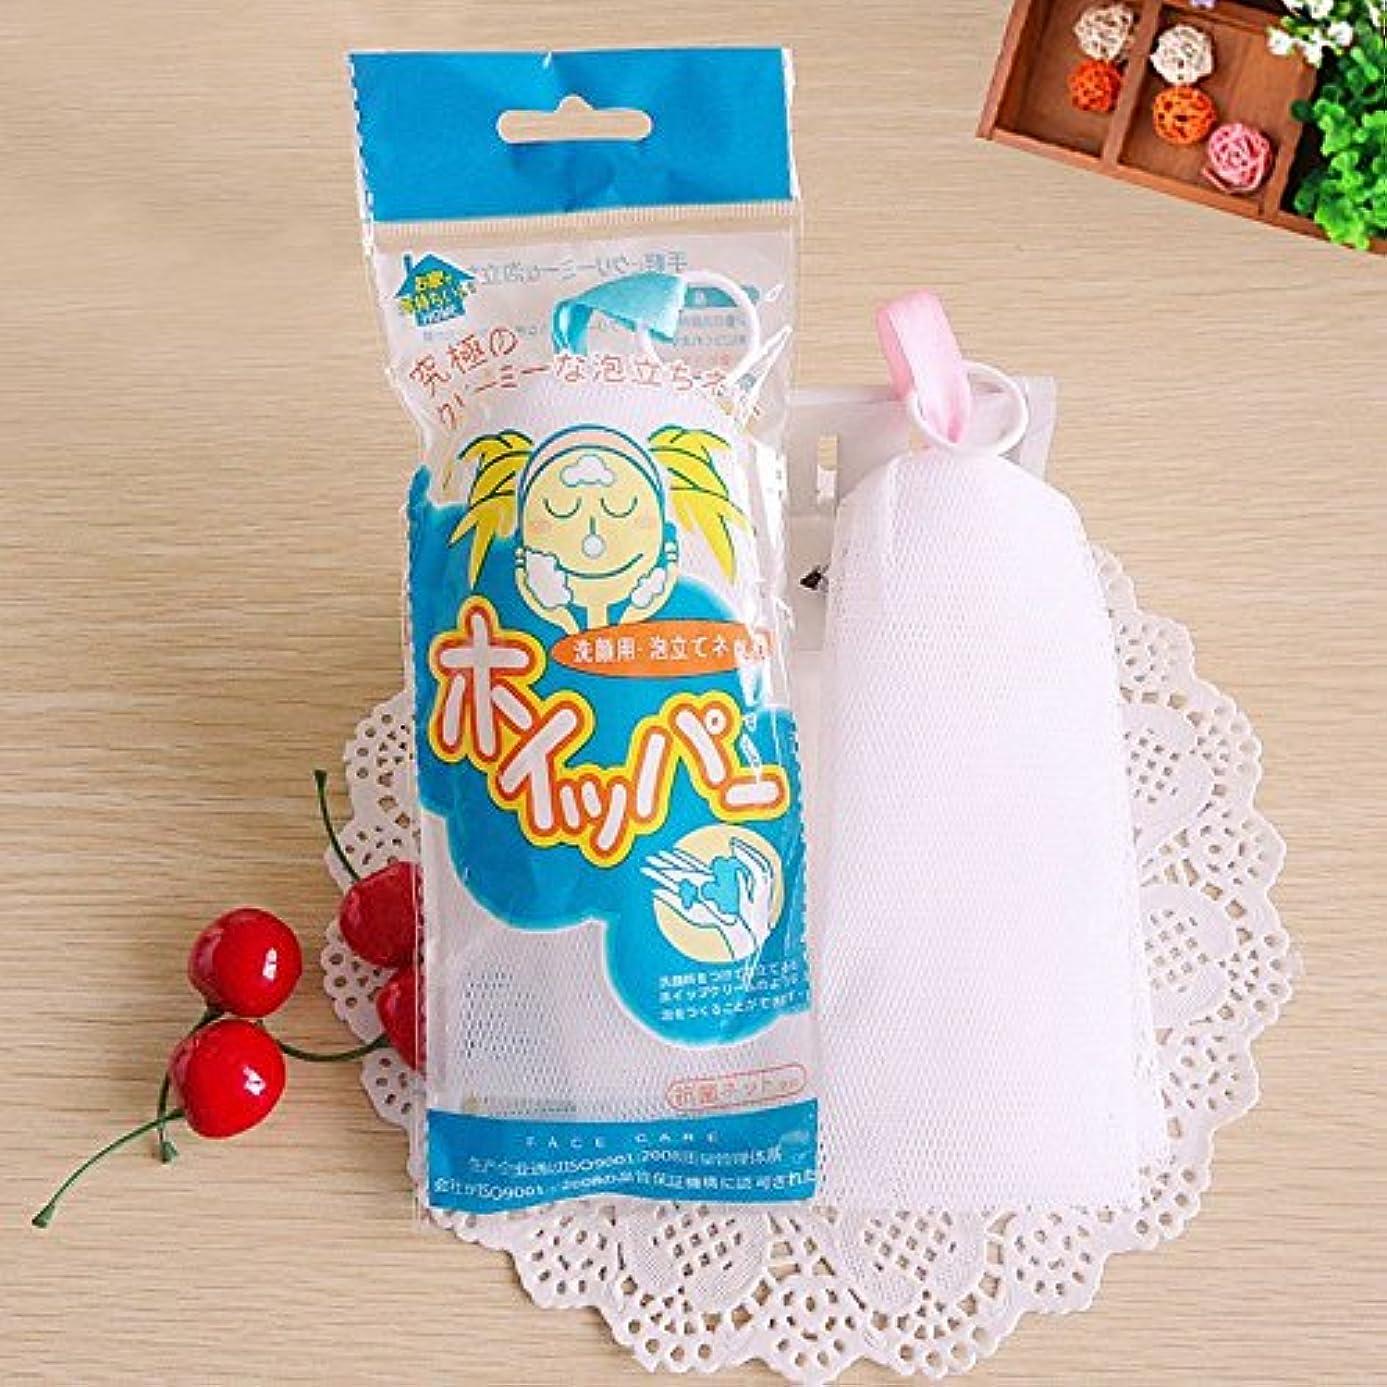 マグ休憩錫attachmenttou クリーンフェイスソープブリスター発泡バブルネットネットワークバッグ旅行バスルーム用品